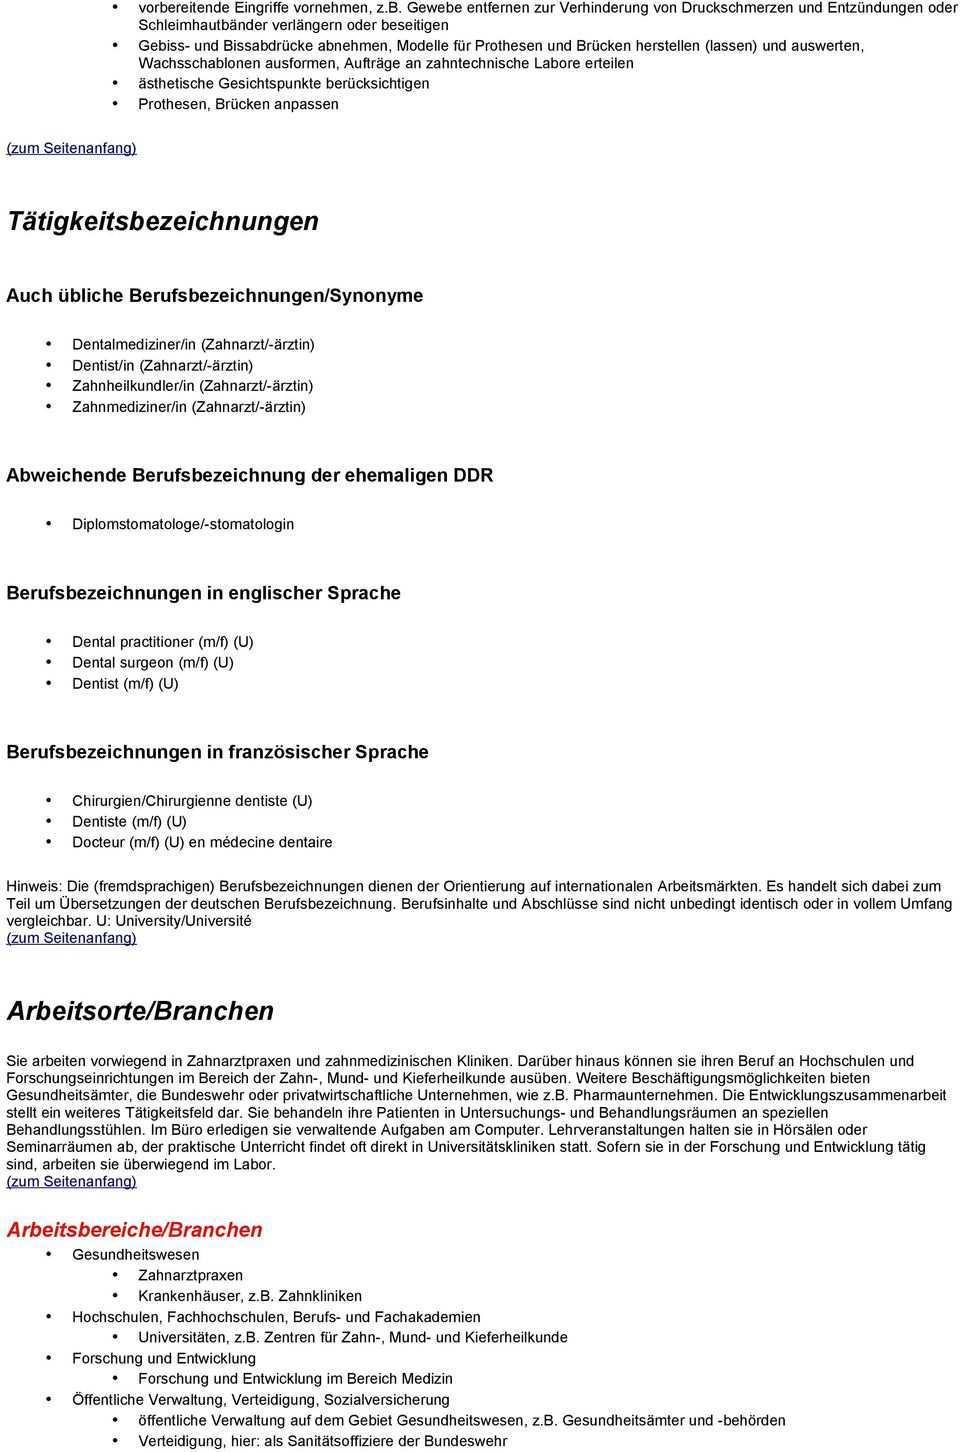 Die Tatigkeit Im Uberblick Aufgaben Und Tatigkeiten Tatigkeitsbeschreibung Von Zahnarzt Zahnarztin Uni Vom Pdf Kostenfreier Download